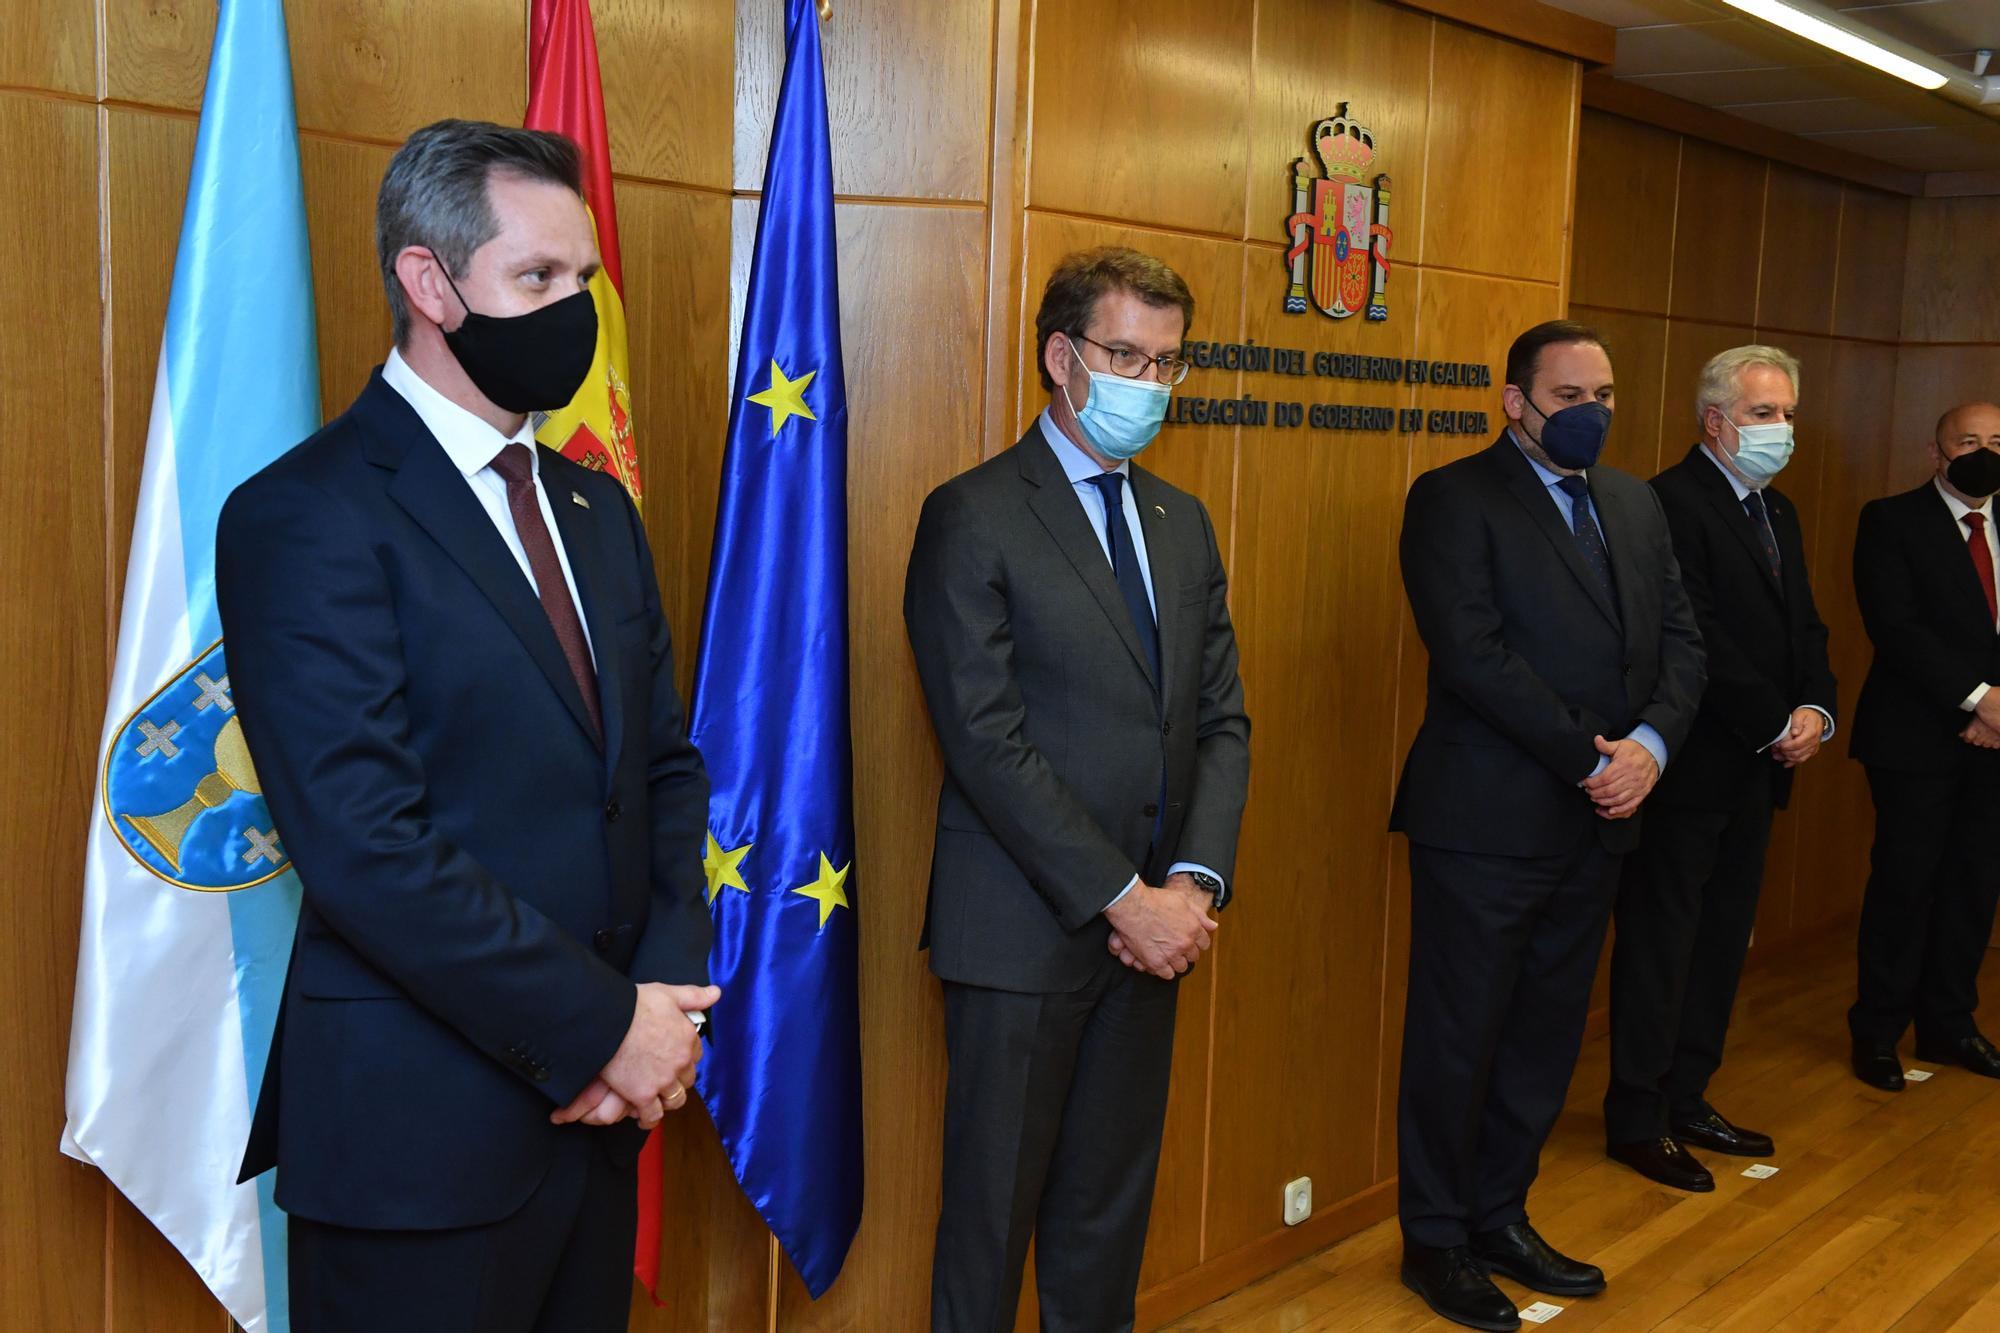 Ábalos, en A Coruña para el relevo en la Delegación del Gobierno